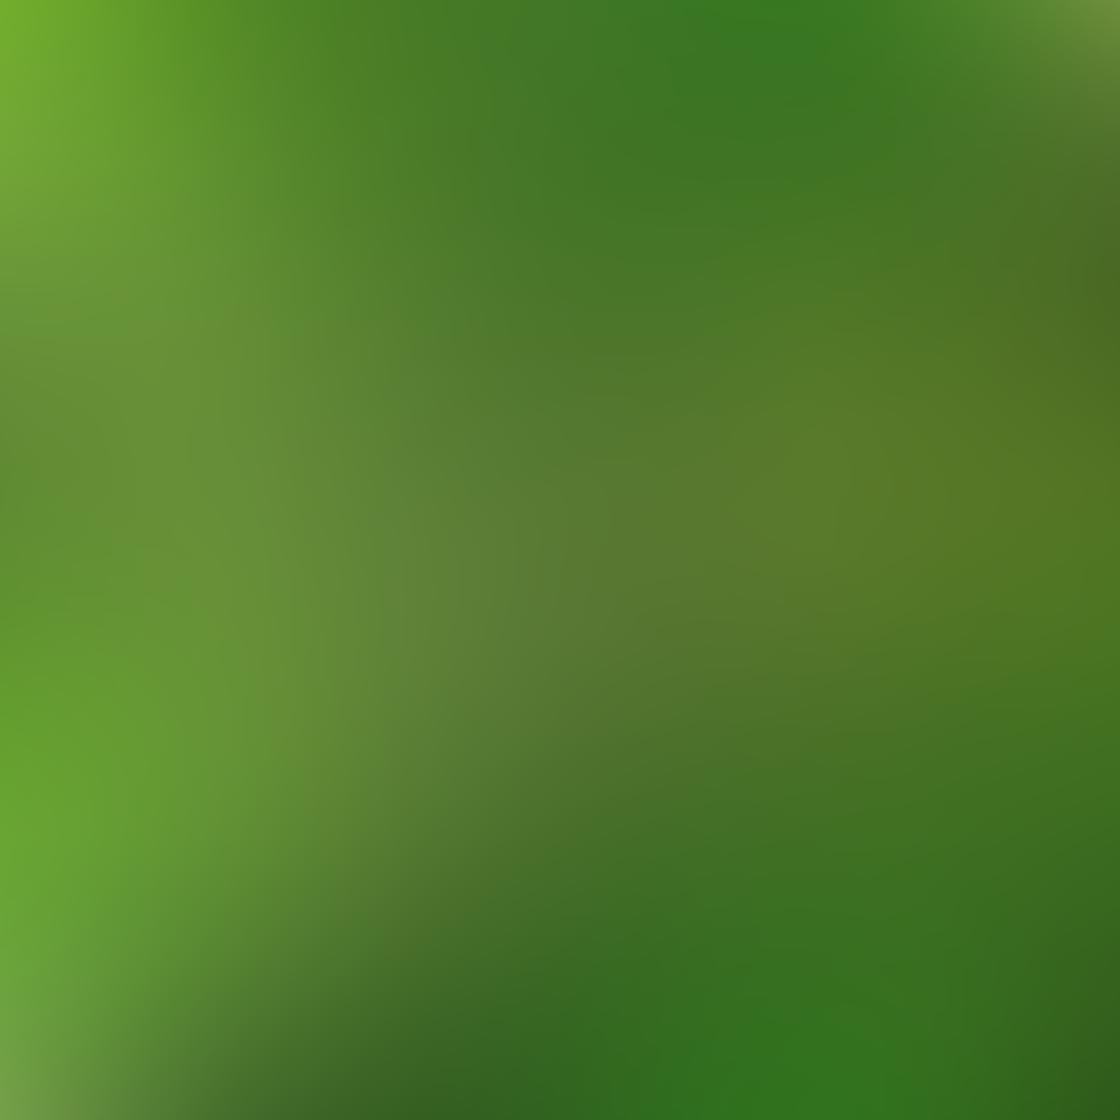 Green iPhone Photos 14